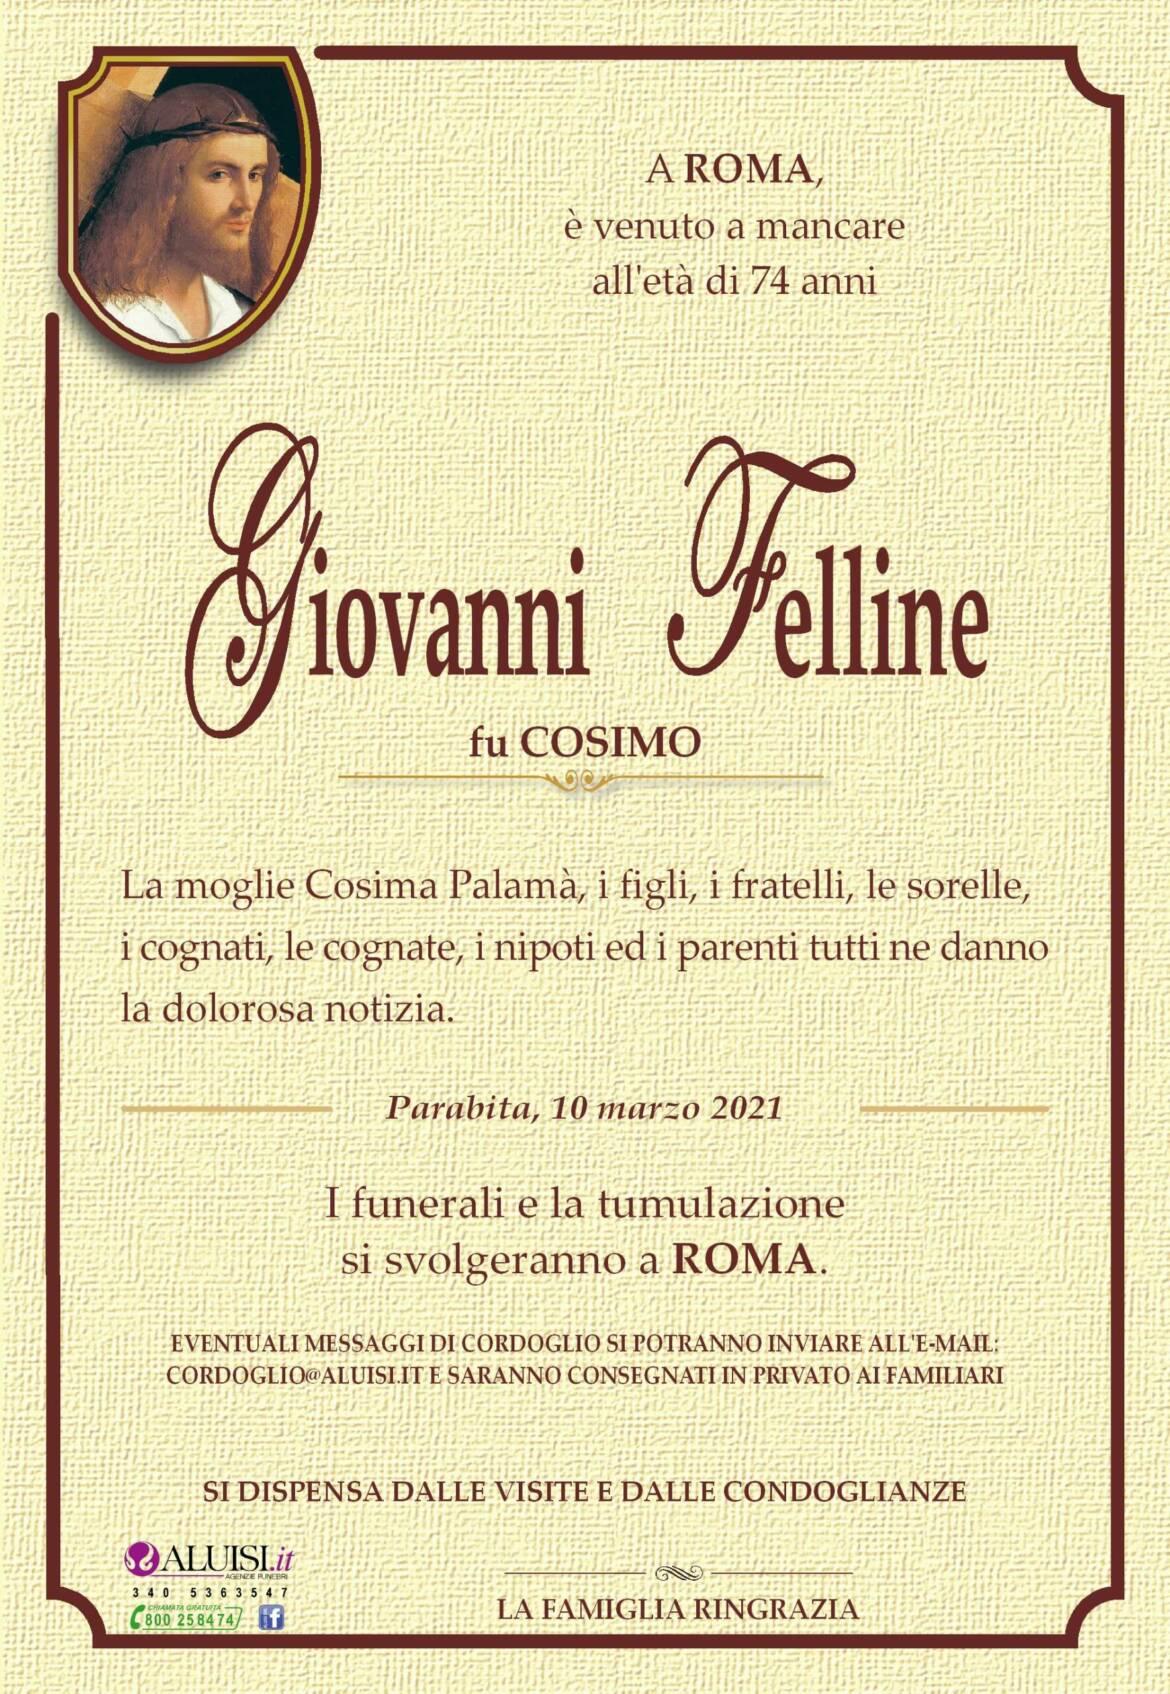 Annuncio-GIOVANNI-FELLINE-ROMA-scaled.jpg